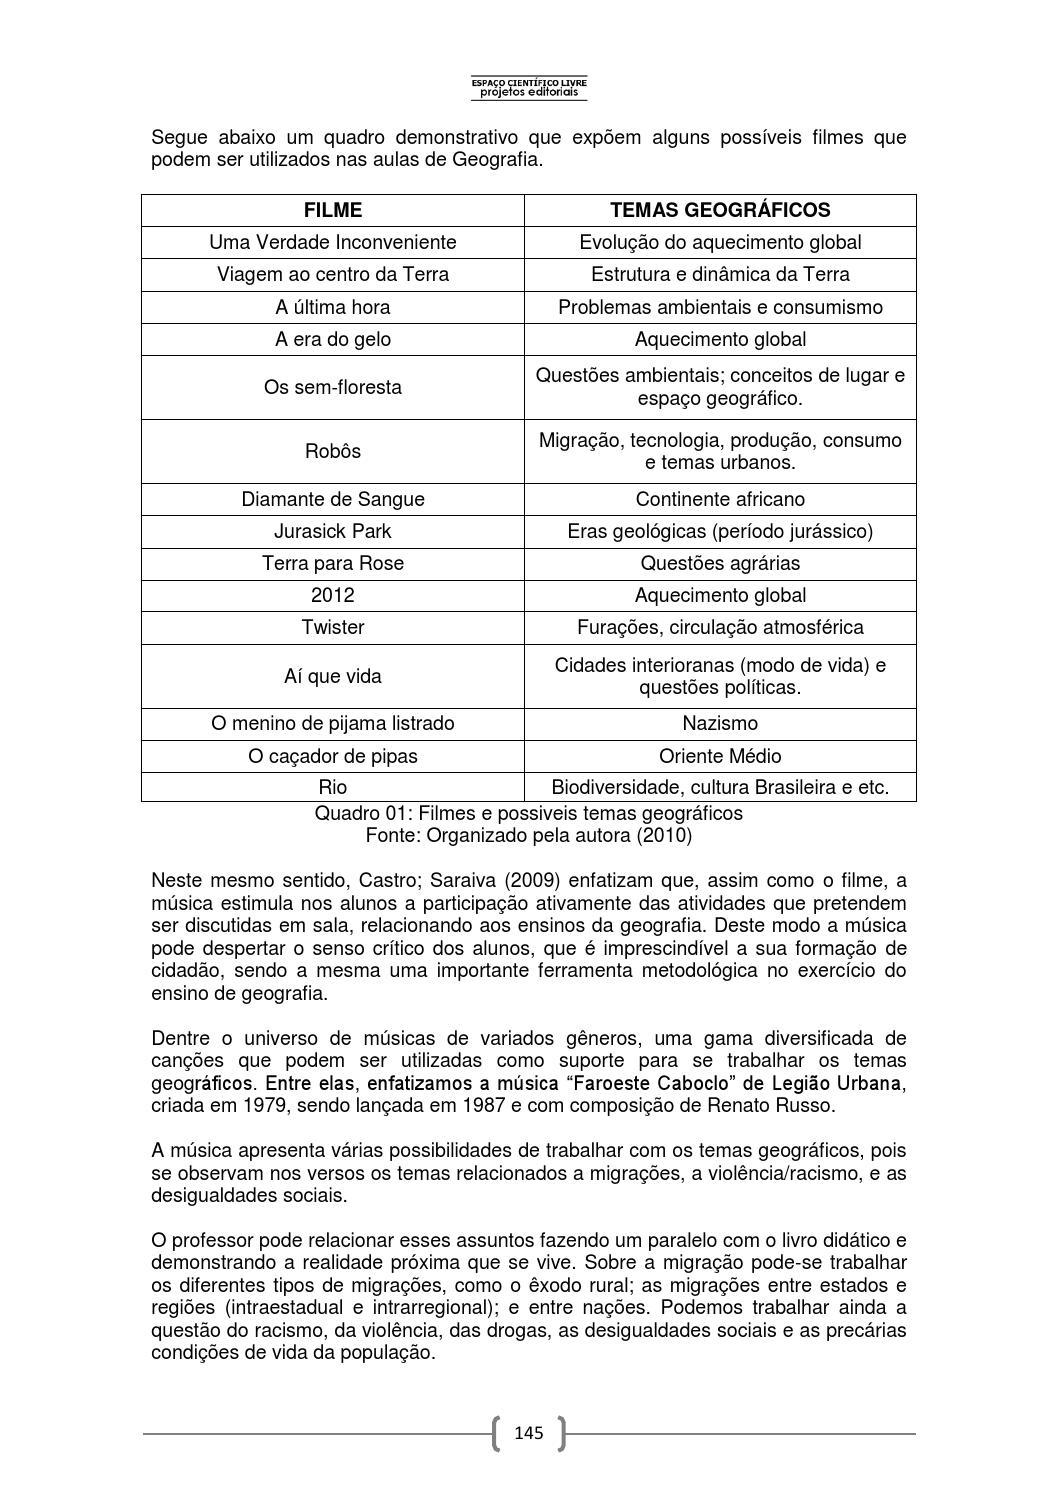 CABOCLO FAROESTE MUSICAS DO BAIXAR URBANA LEGIAO